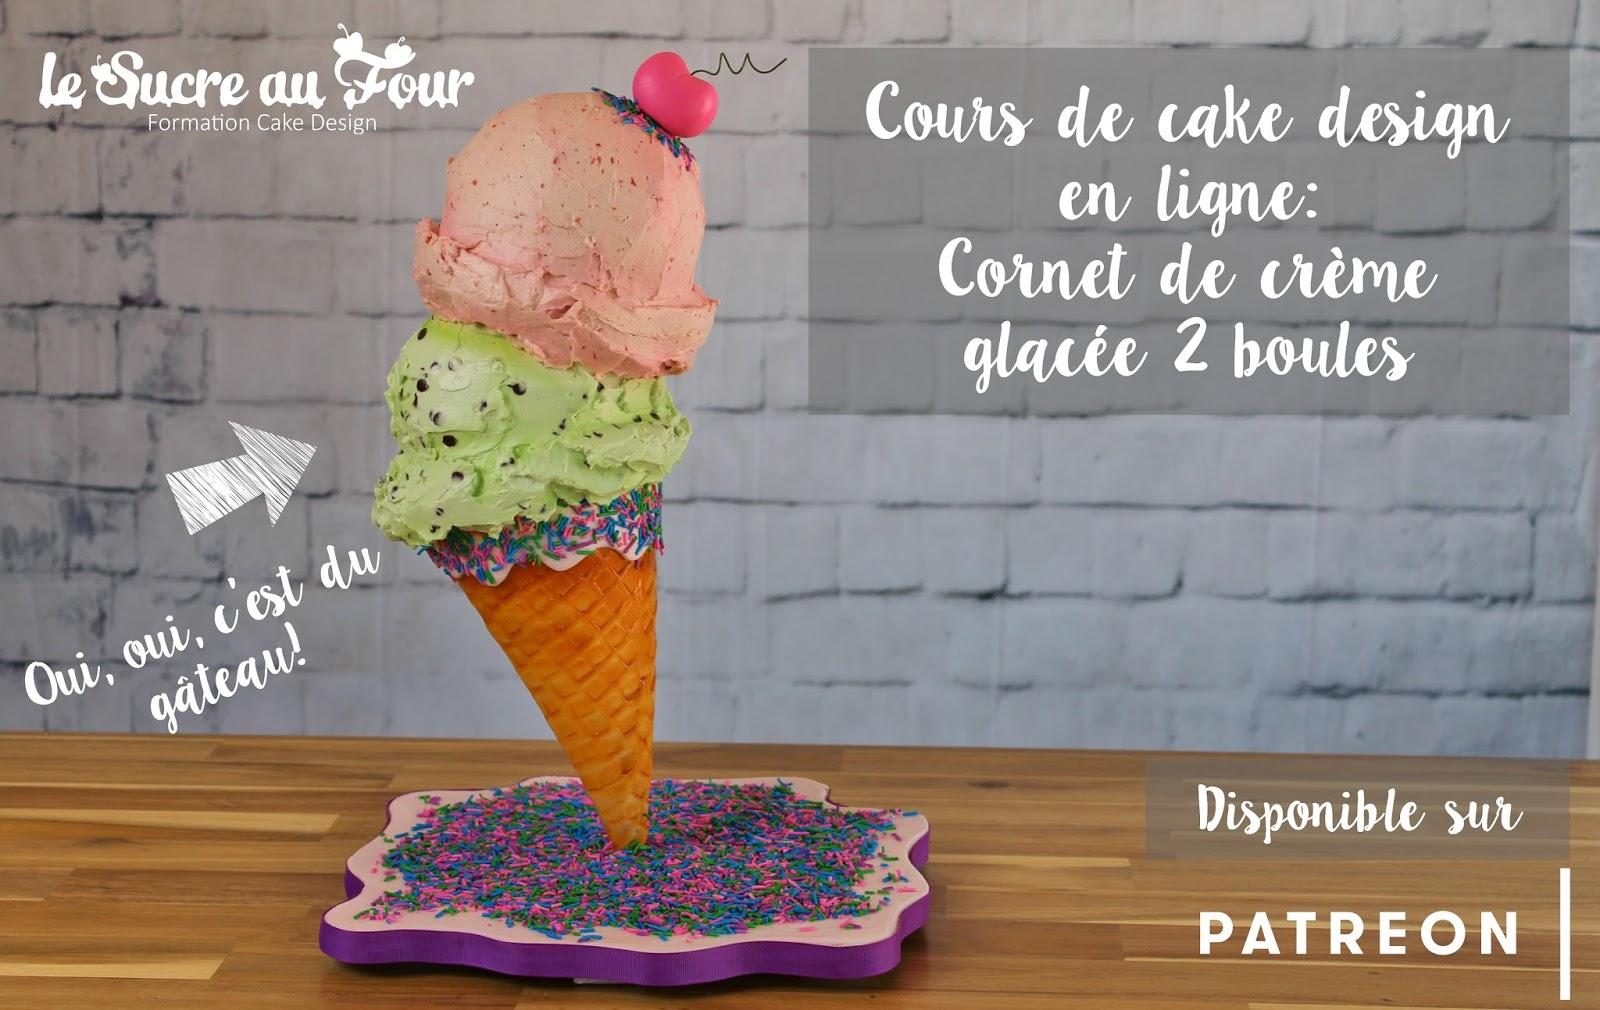 cours de cake design en ligne: Cornet de crème glacée 2 boules